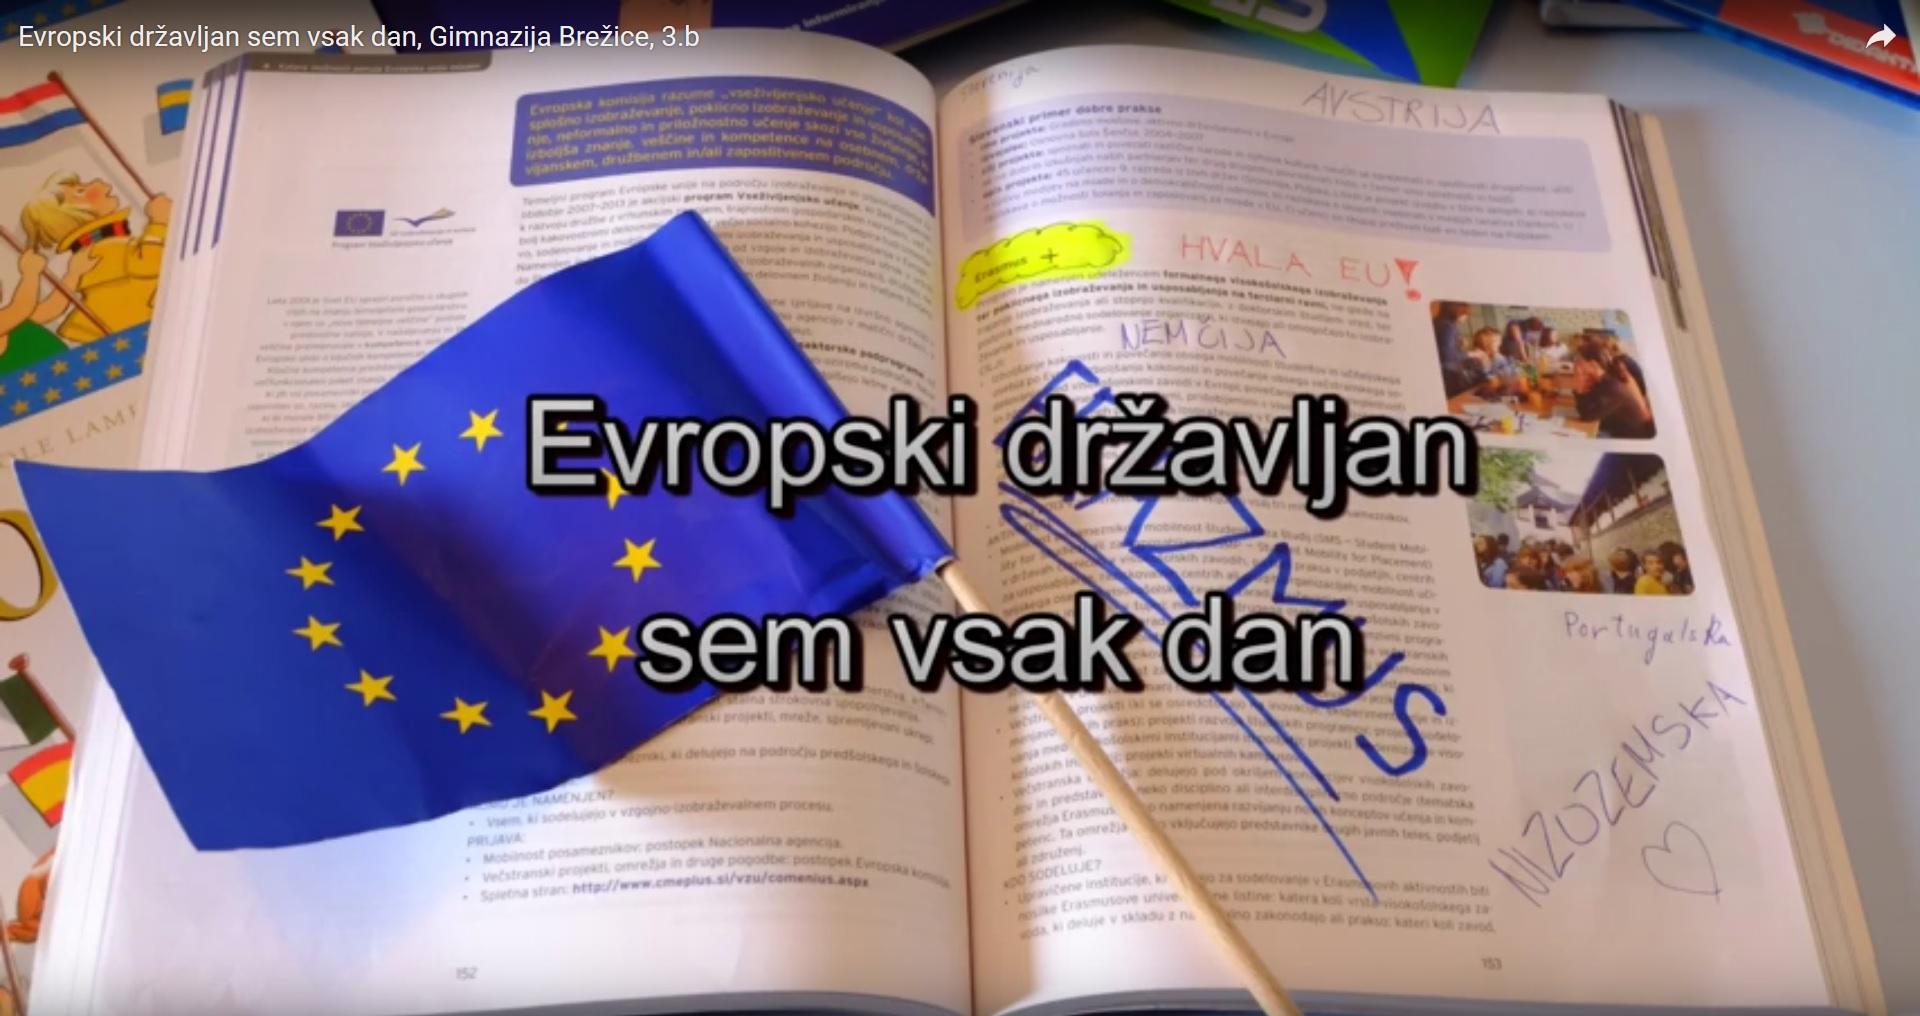 Evropski državljan sem vsak dan